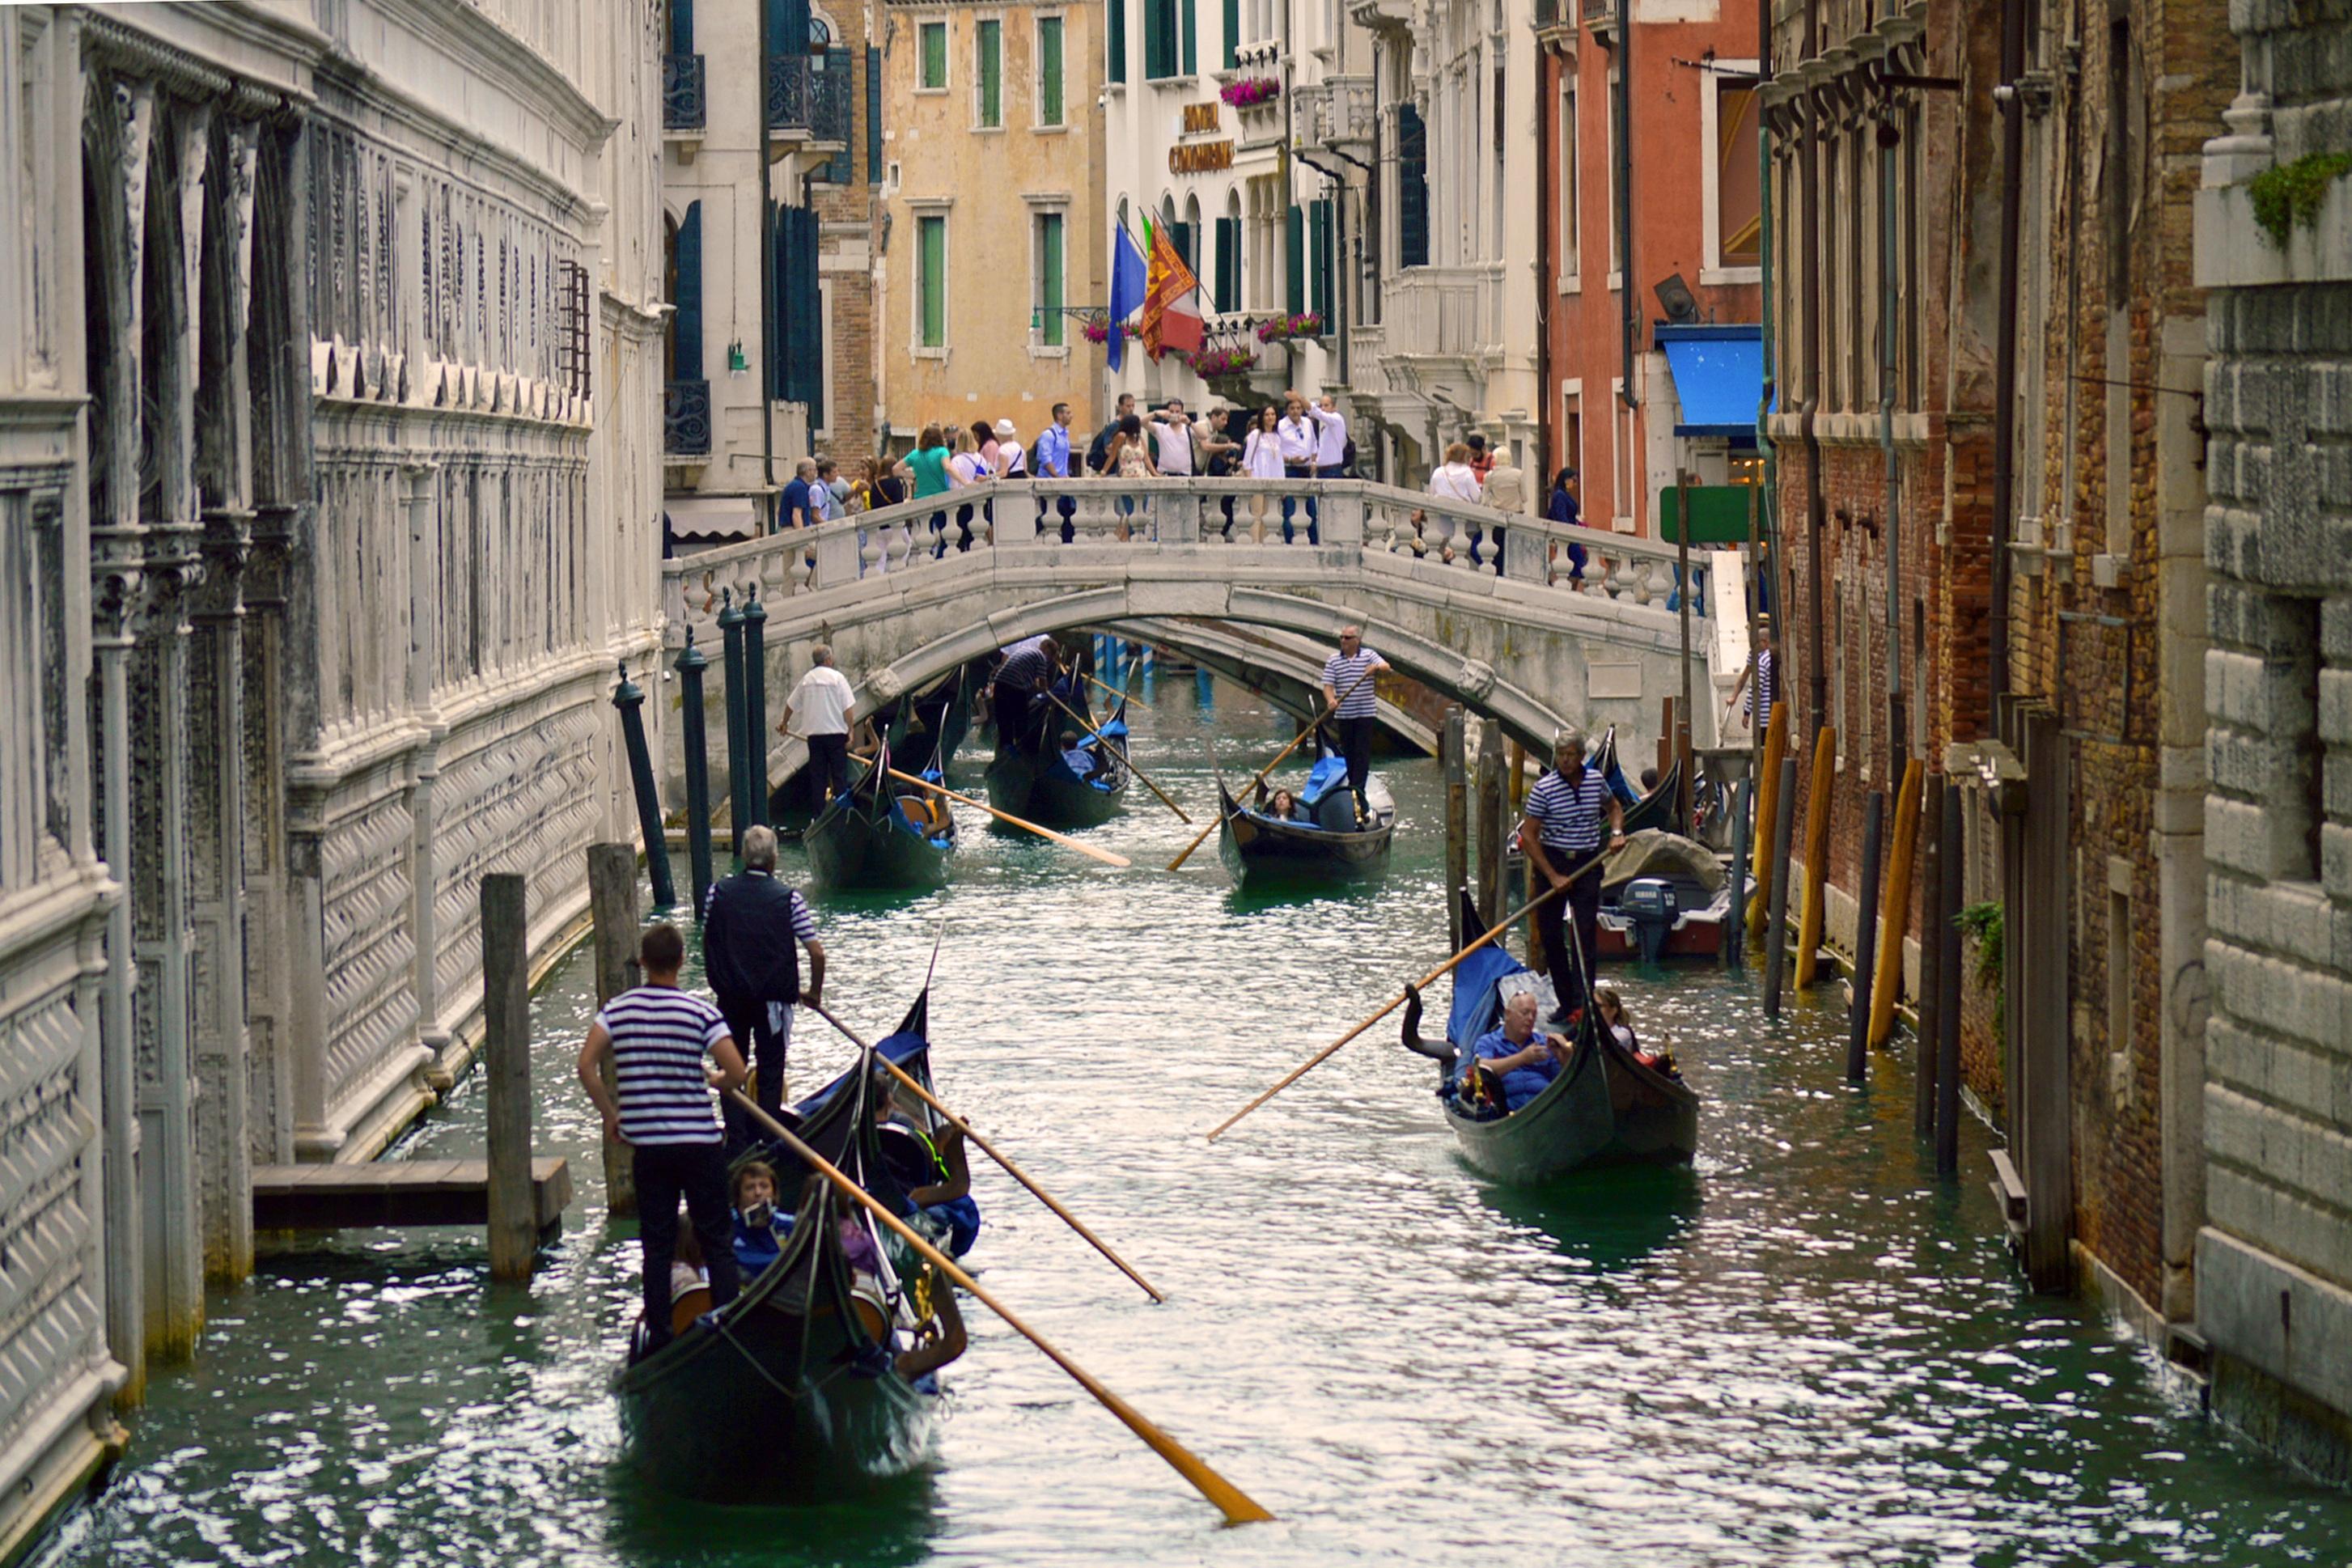 水 建築 ボート ブリッジ 建物 古い シティ 運河 休暇 ツーリスト 旅行 輸送 ヨーロッパ 車両 ロマンチック イタリア